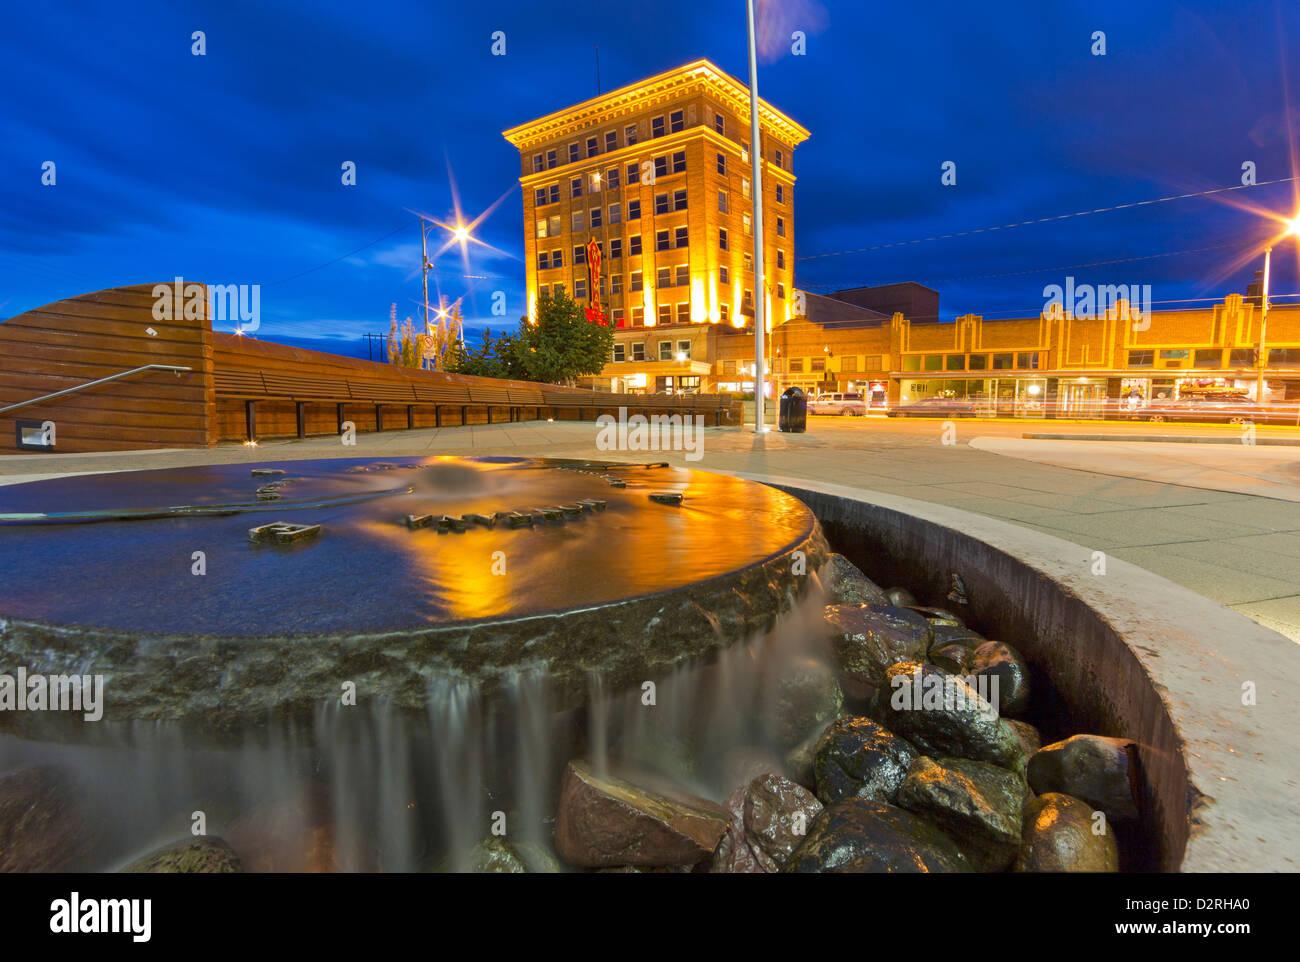 El histórico edificio del Teatro Wilma al atardecer en el centro de Missoula, Montana, EE.UU. Imagen De Stock